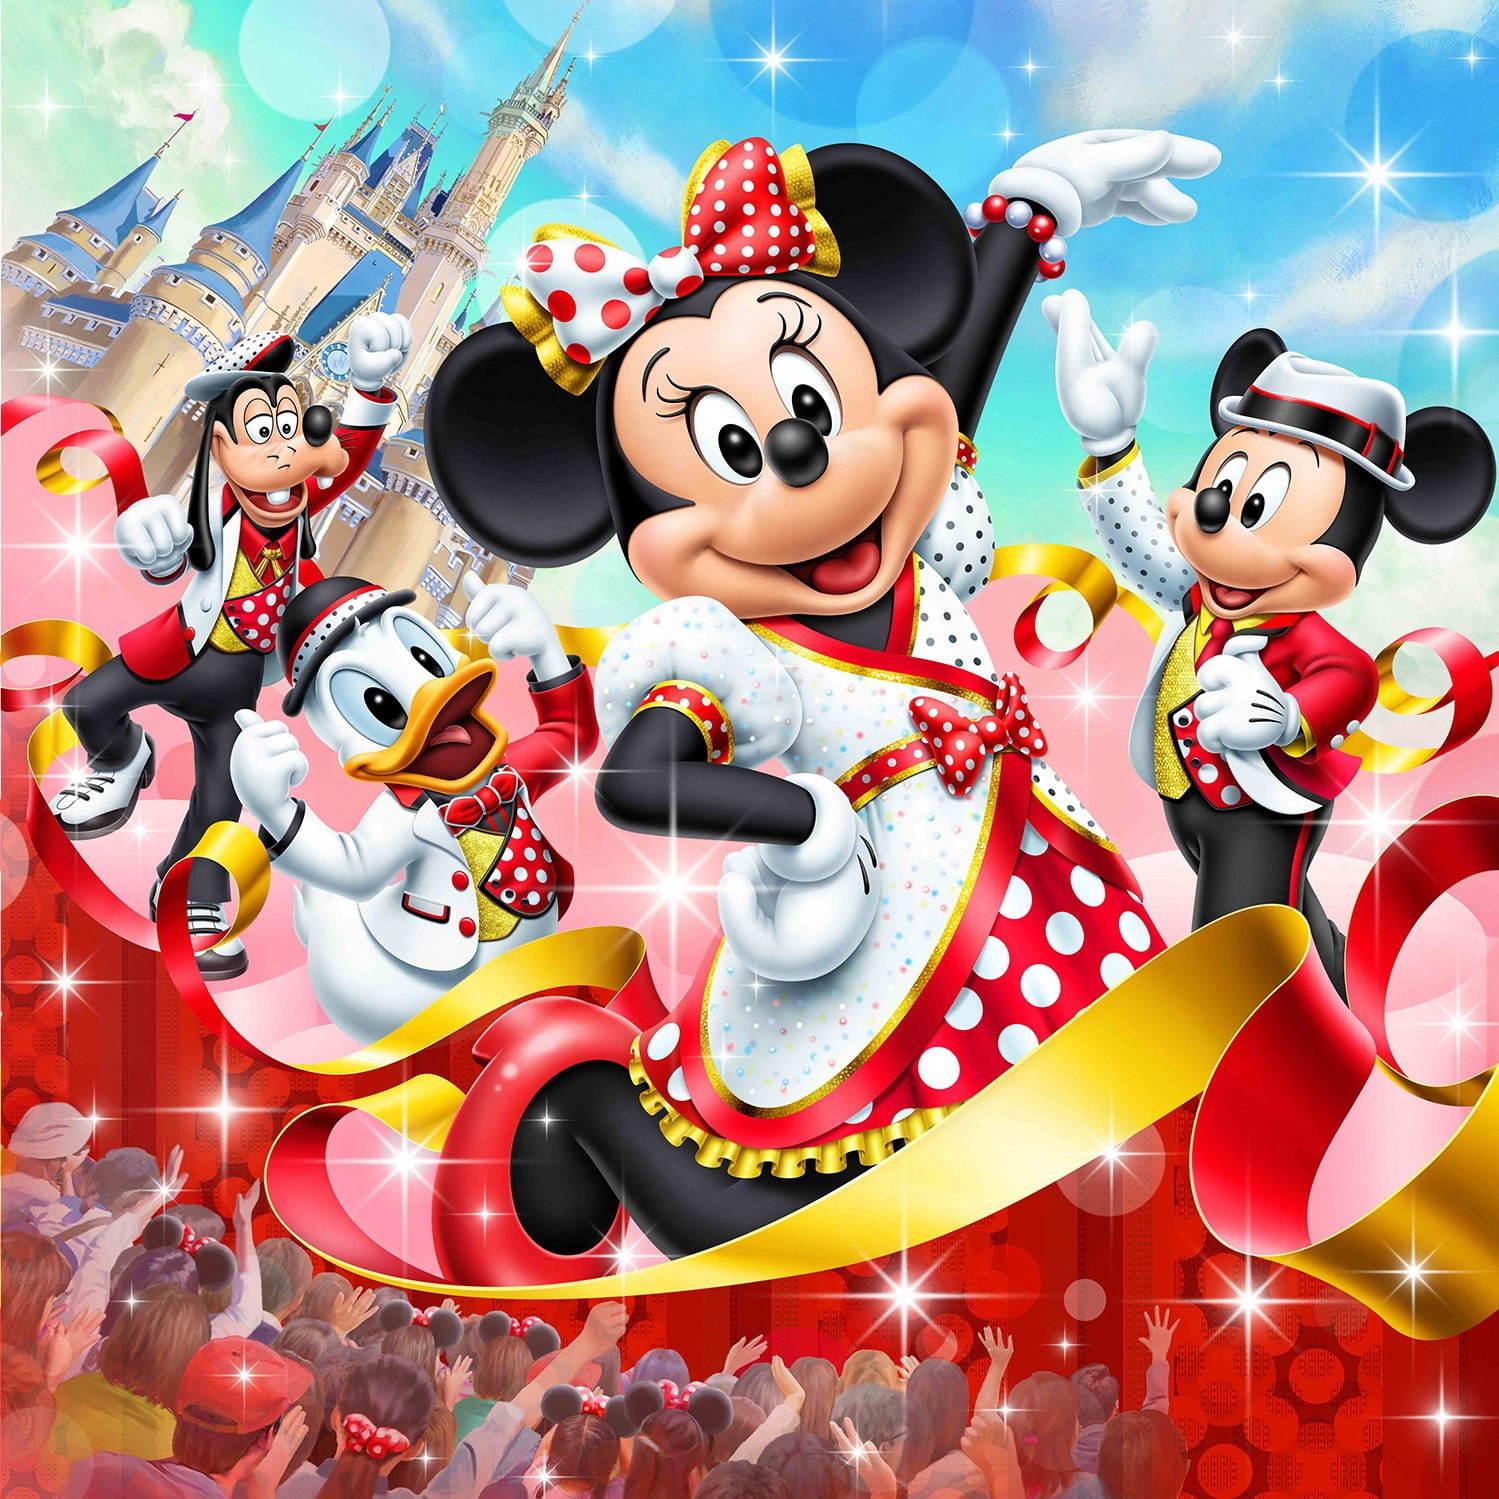 東京ディズニーランド ミニーマウスが主役 のショー パレード ベリー